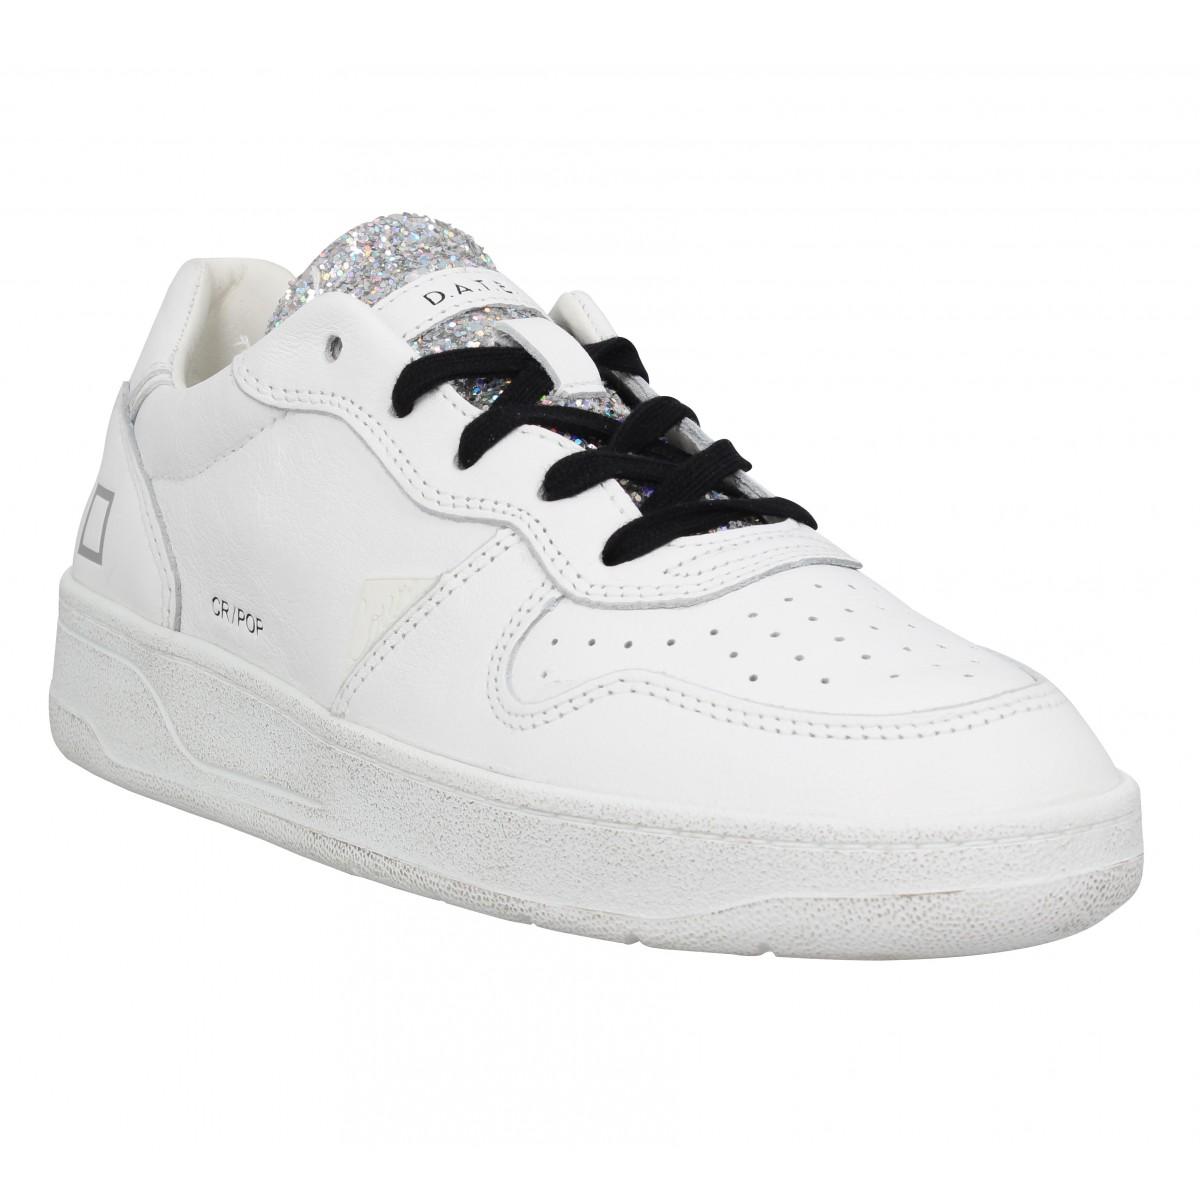 D.A.T.E Femme Date Sneakers Court Pop...